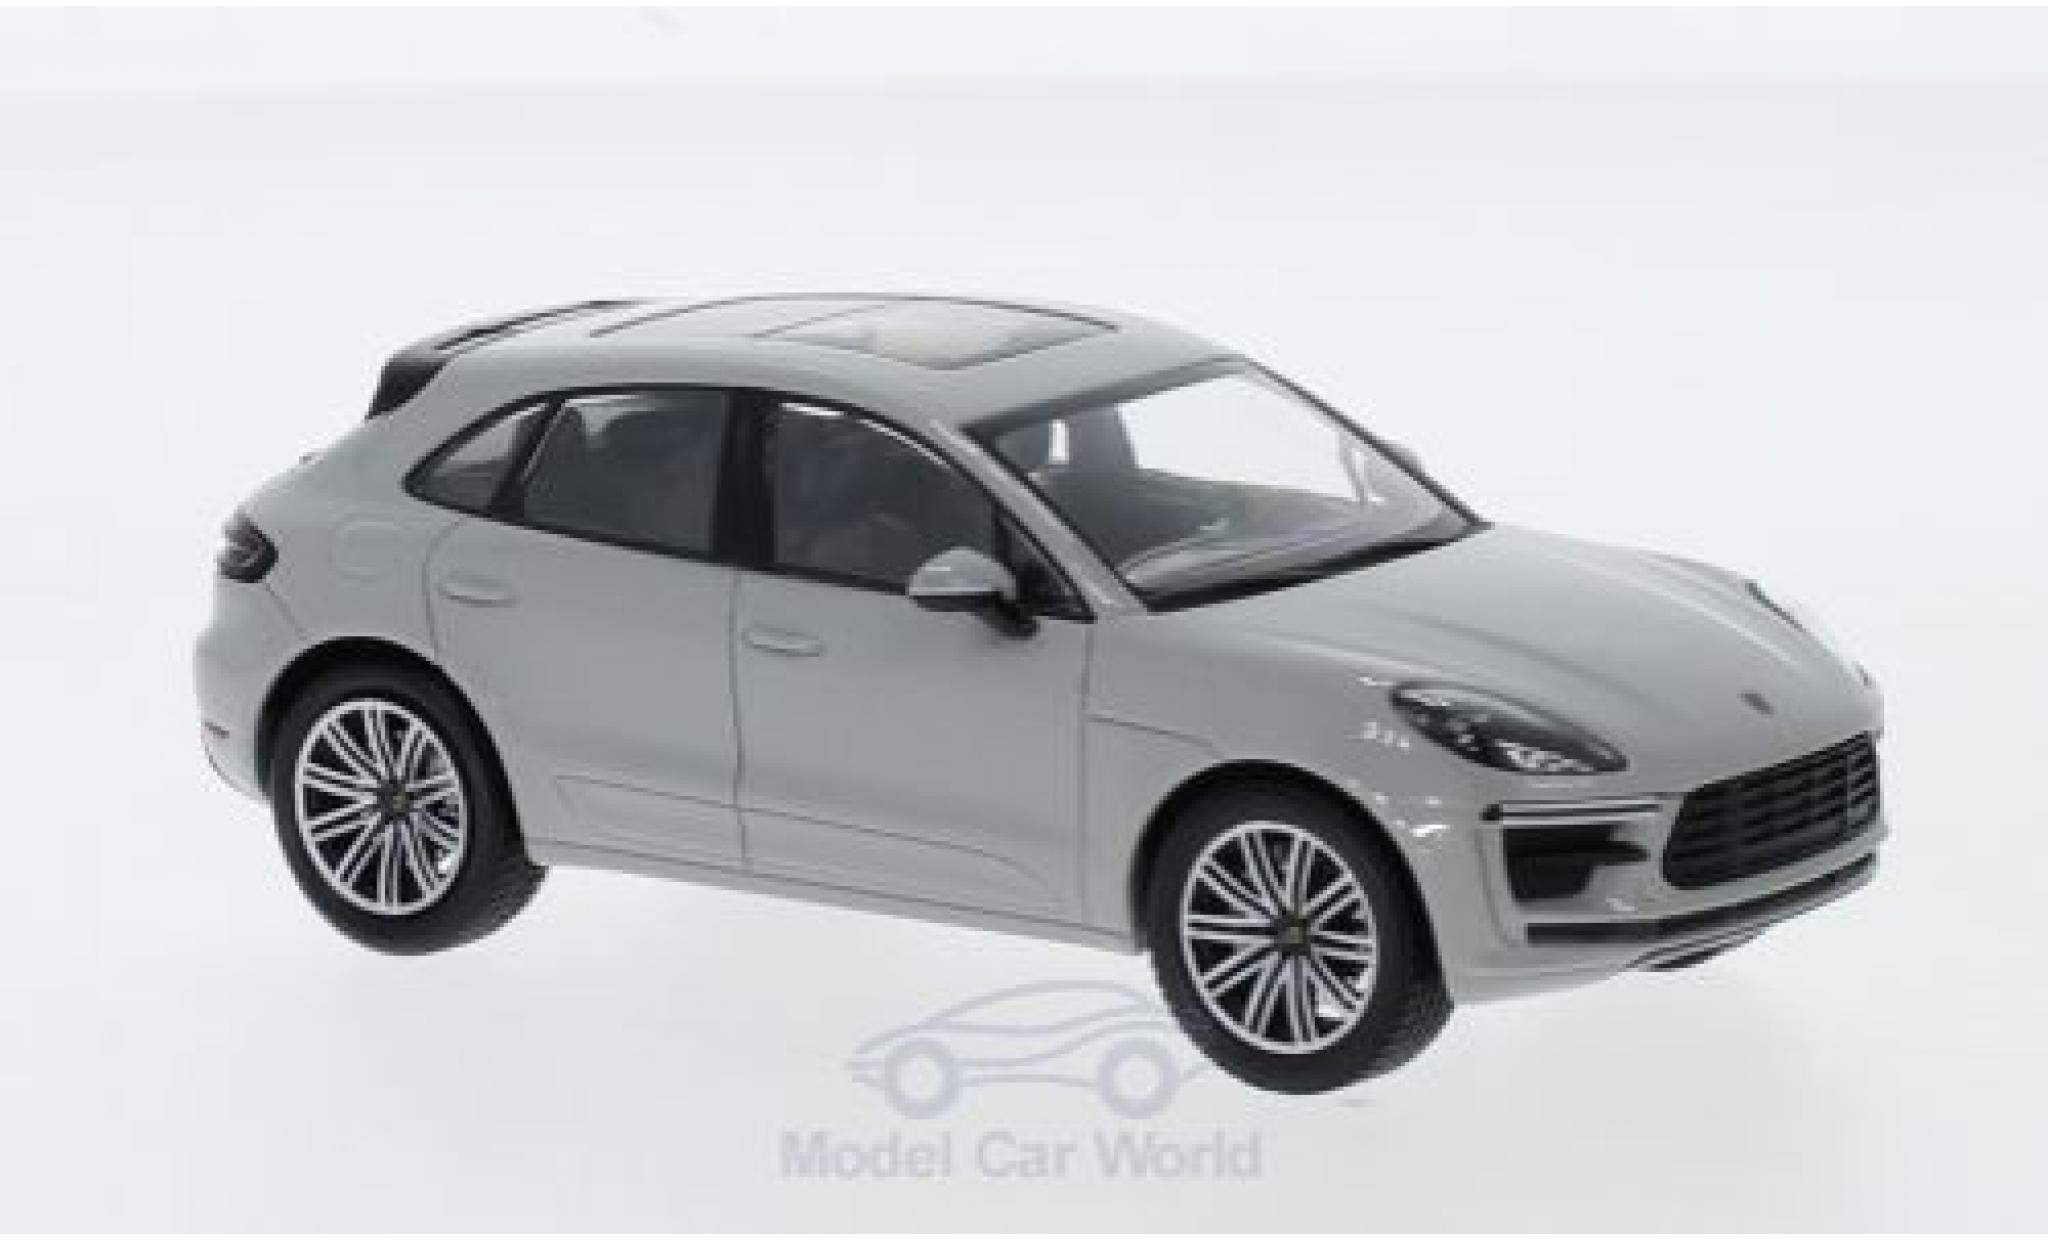 Porsche Macan Turbo 1/43 Minichamps grise 2019